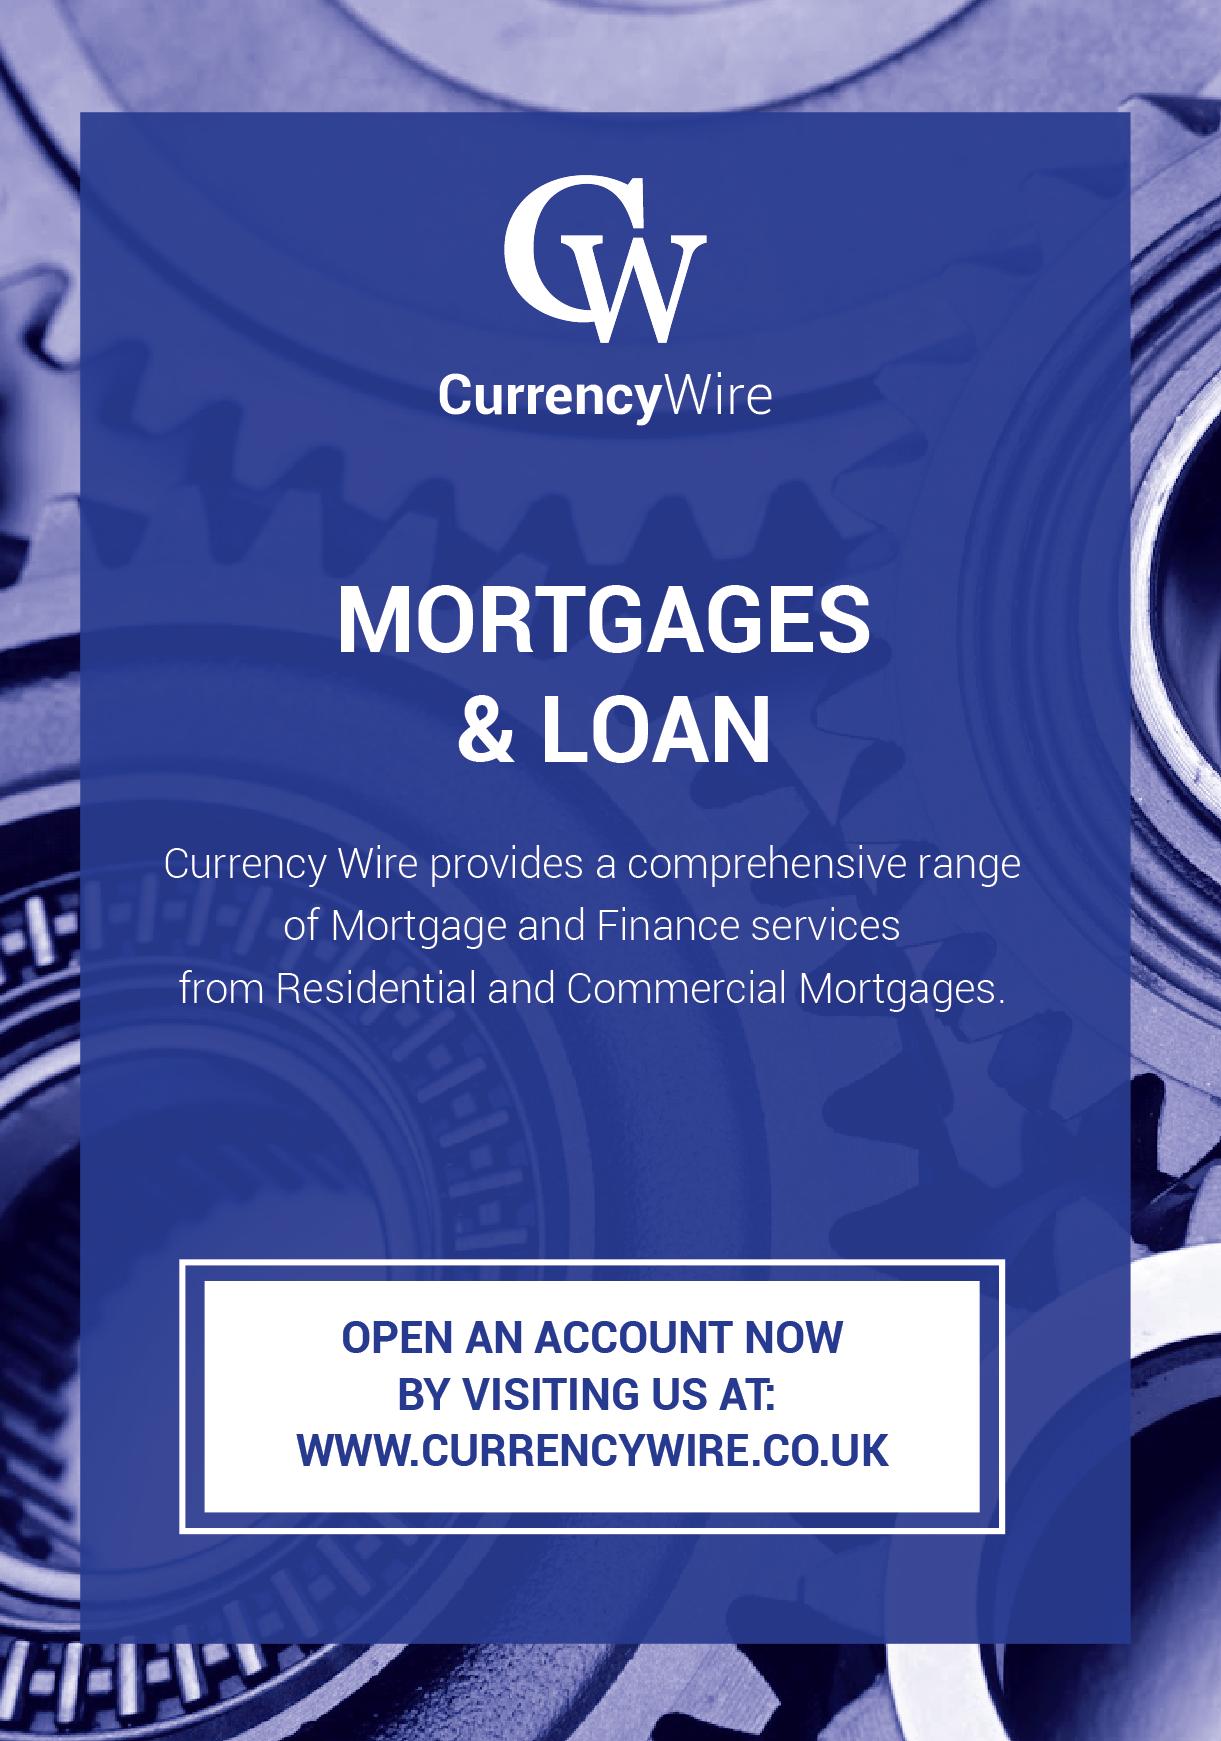 Mortgages&Loan_ad_socials.png